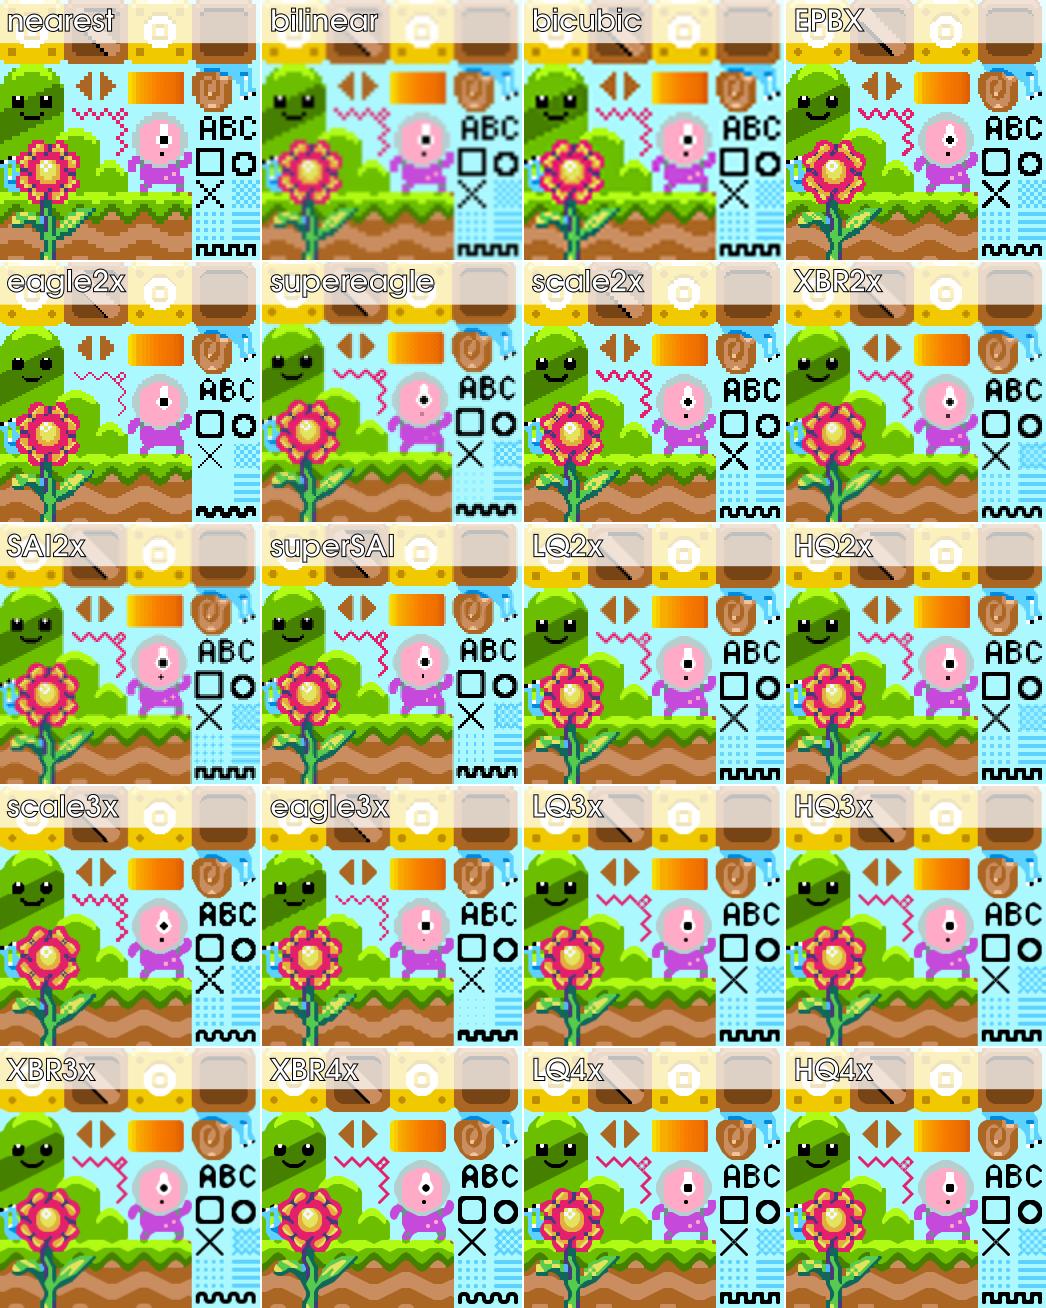 Cool Pixel Art Pokemon